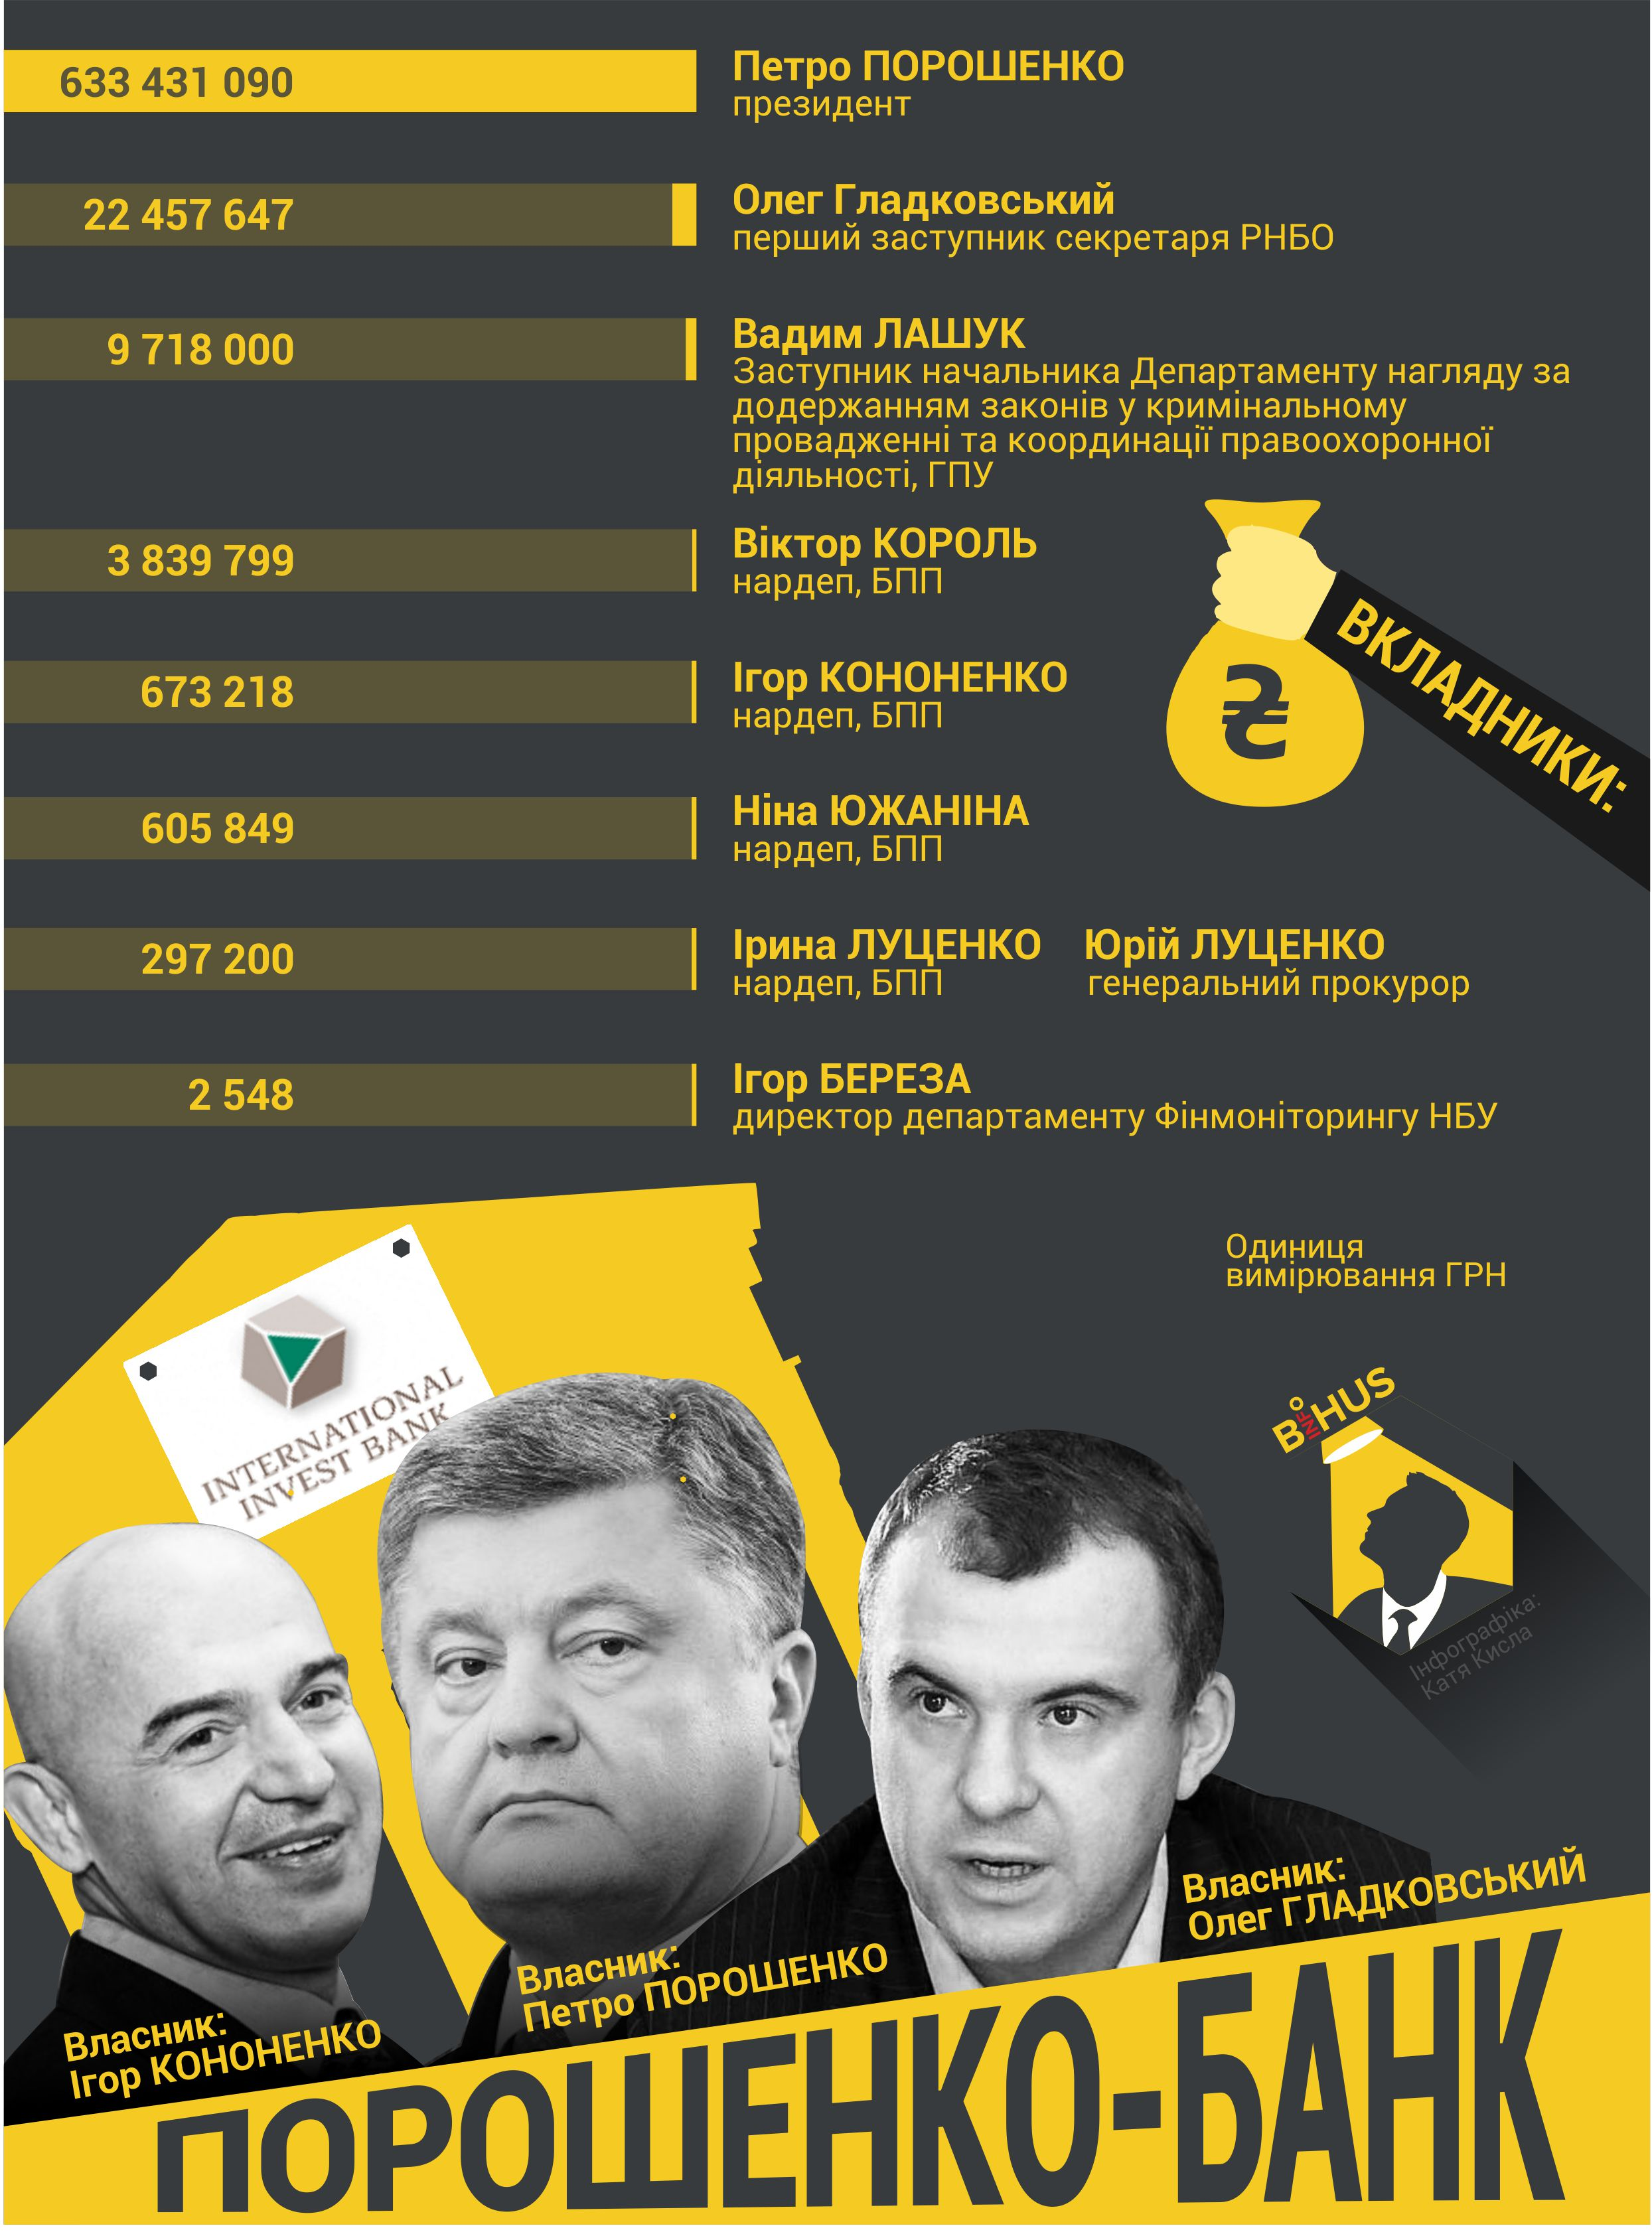 Кто из известных политиков и чиновников доверяет свои деньги МИБу